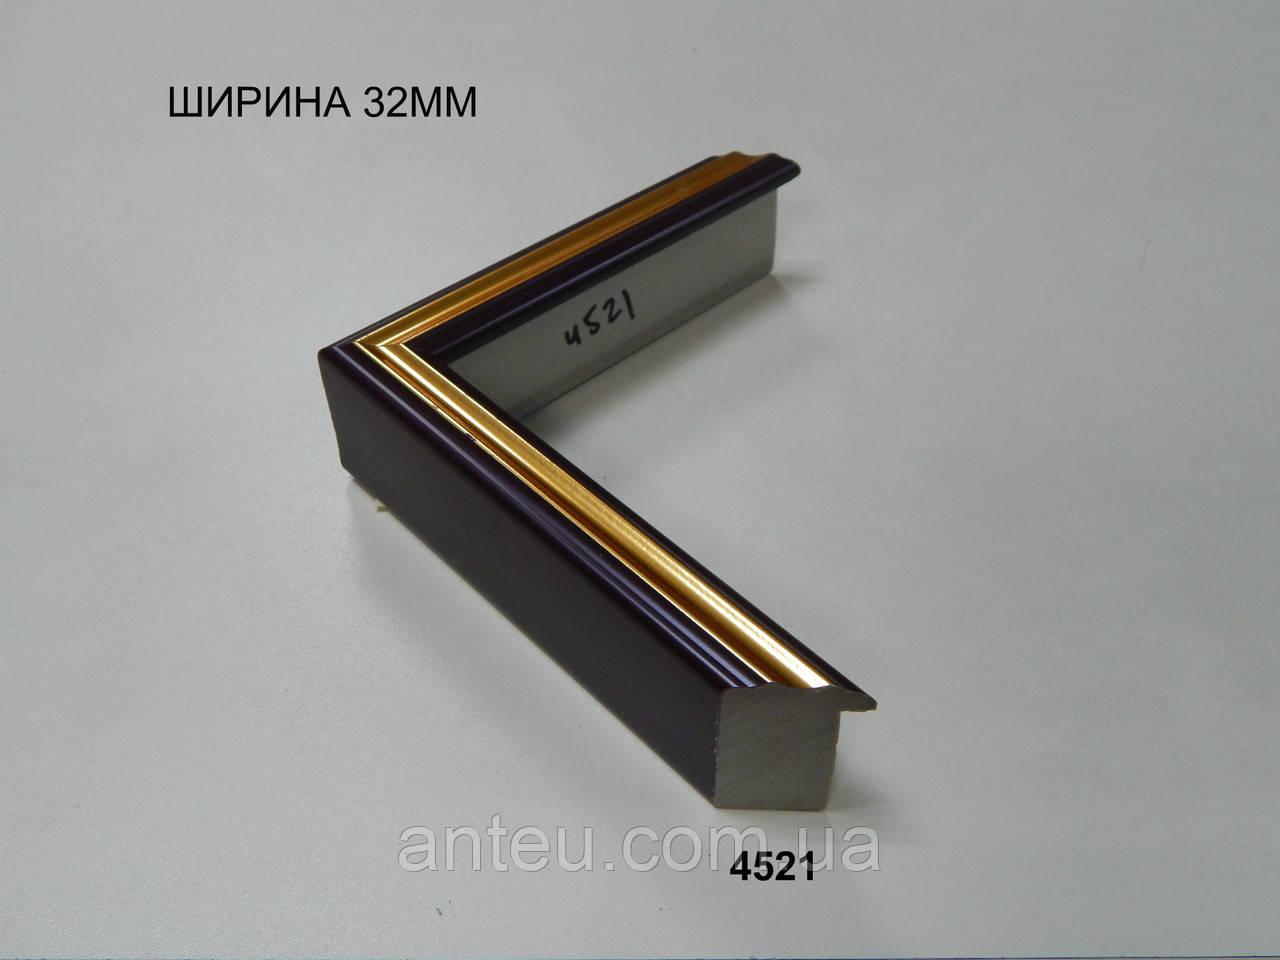 Багет пластиковый 32 мм.Серия 4521